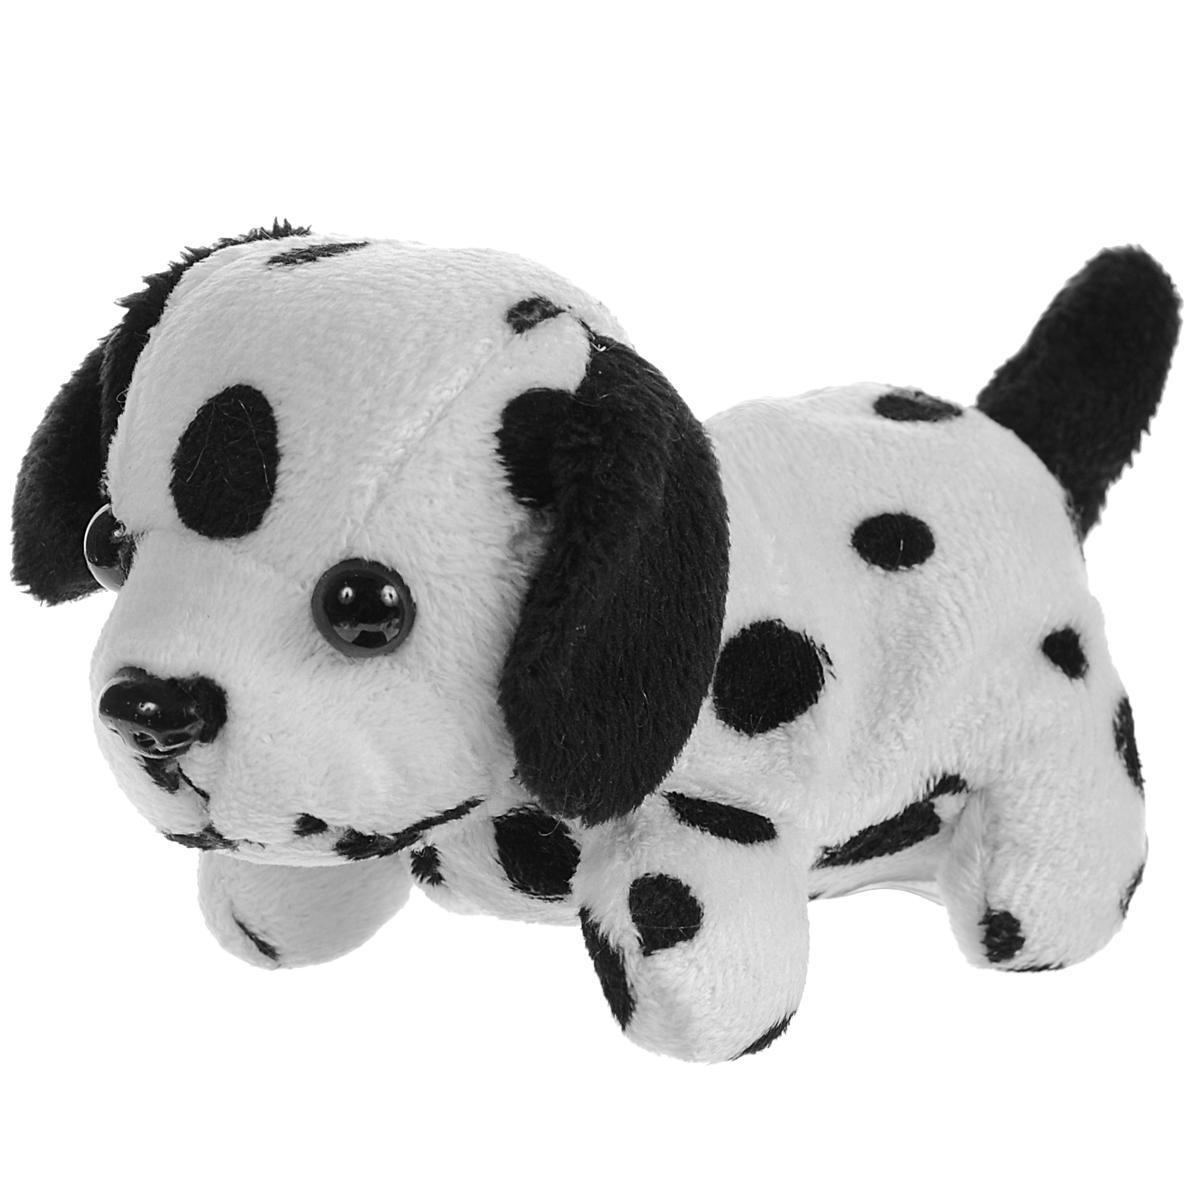 Анимированная игрушка Fluffy Family Щенок Гав, цвет: белый, черный68756Анимированная игрушка Fluffy Family Щенок Гав приведет в восторг вашего малыша. Приятная на ощупь игрушка выполнена в виде очаровательного щеночка породы далматин. При нажатии на кнопку на его спинке он начинает двигать головой и вилять хвостиком, при этом тявкая и поскуливая. Игрушка принесет ребенку много радости и станет верным другом на долгое время. Необходимо докупить 2 батарейки напряжением 1,5V типа ААА (не входят в комплект).